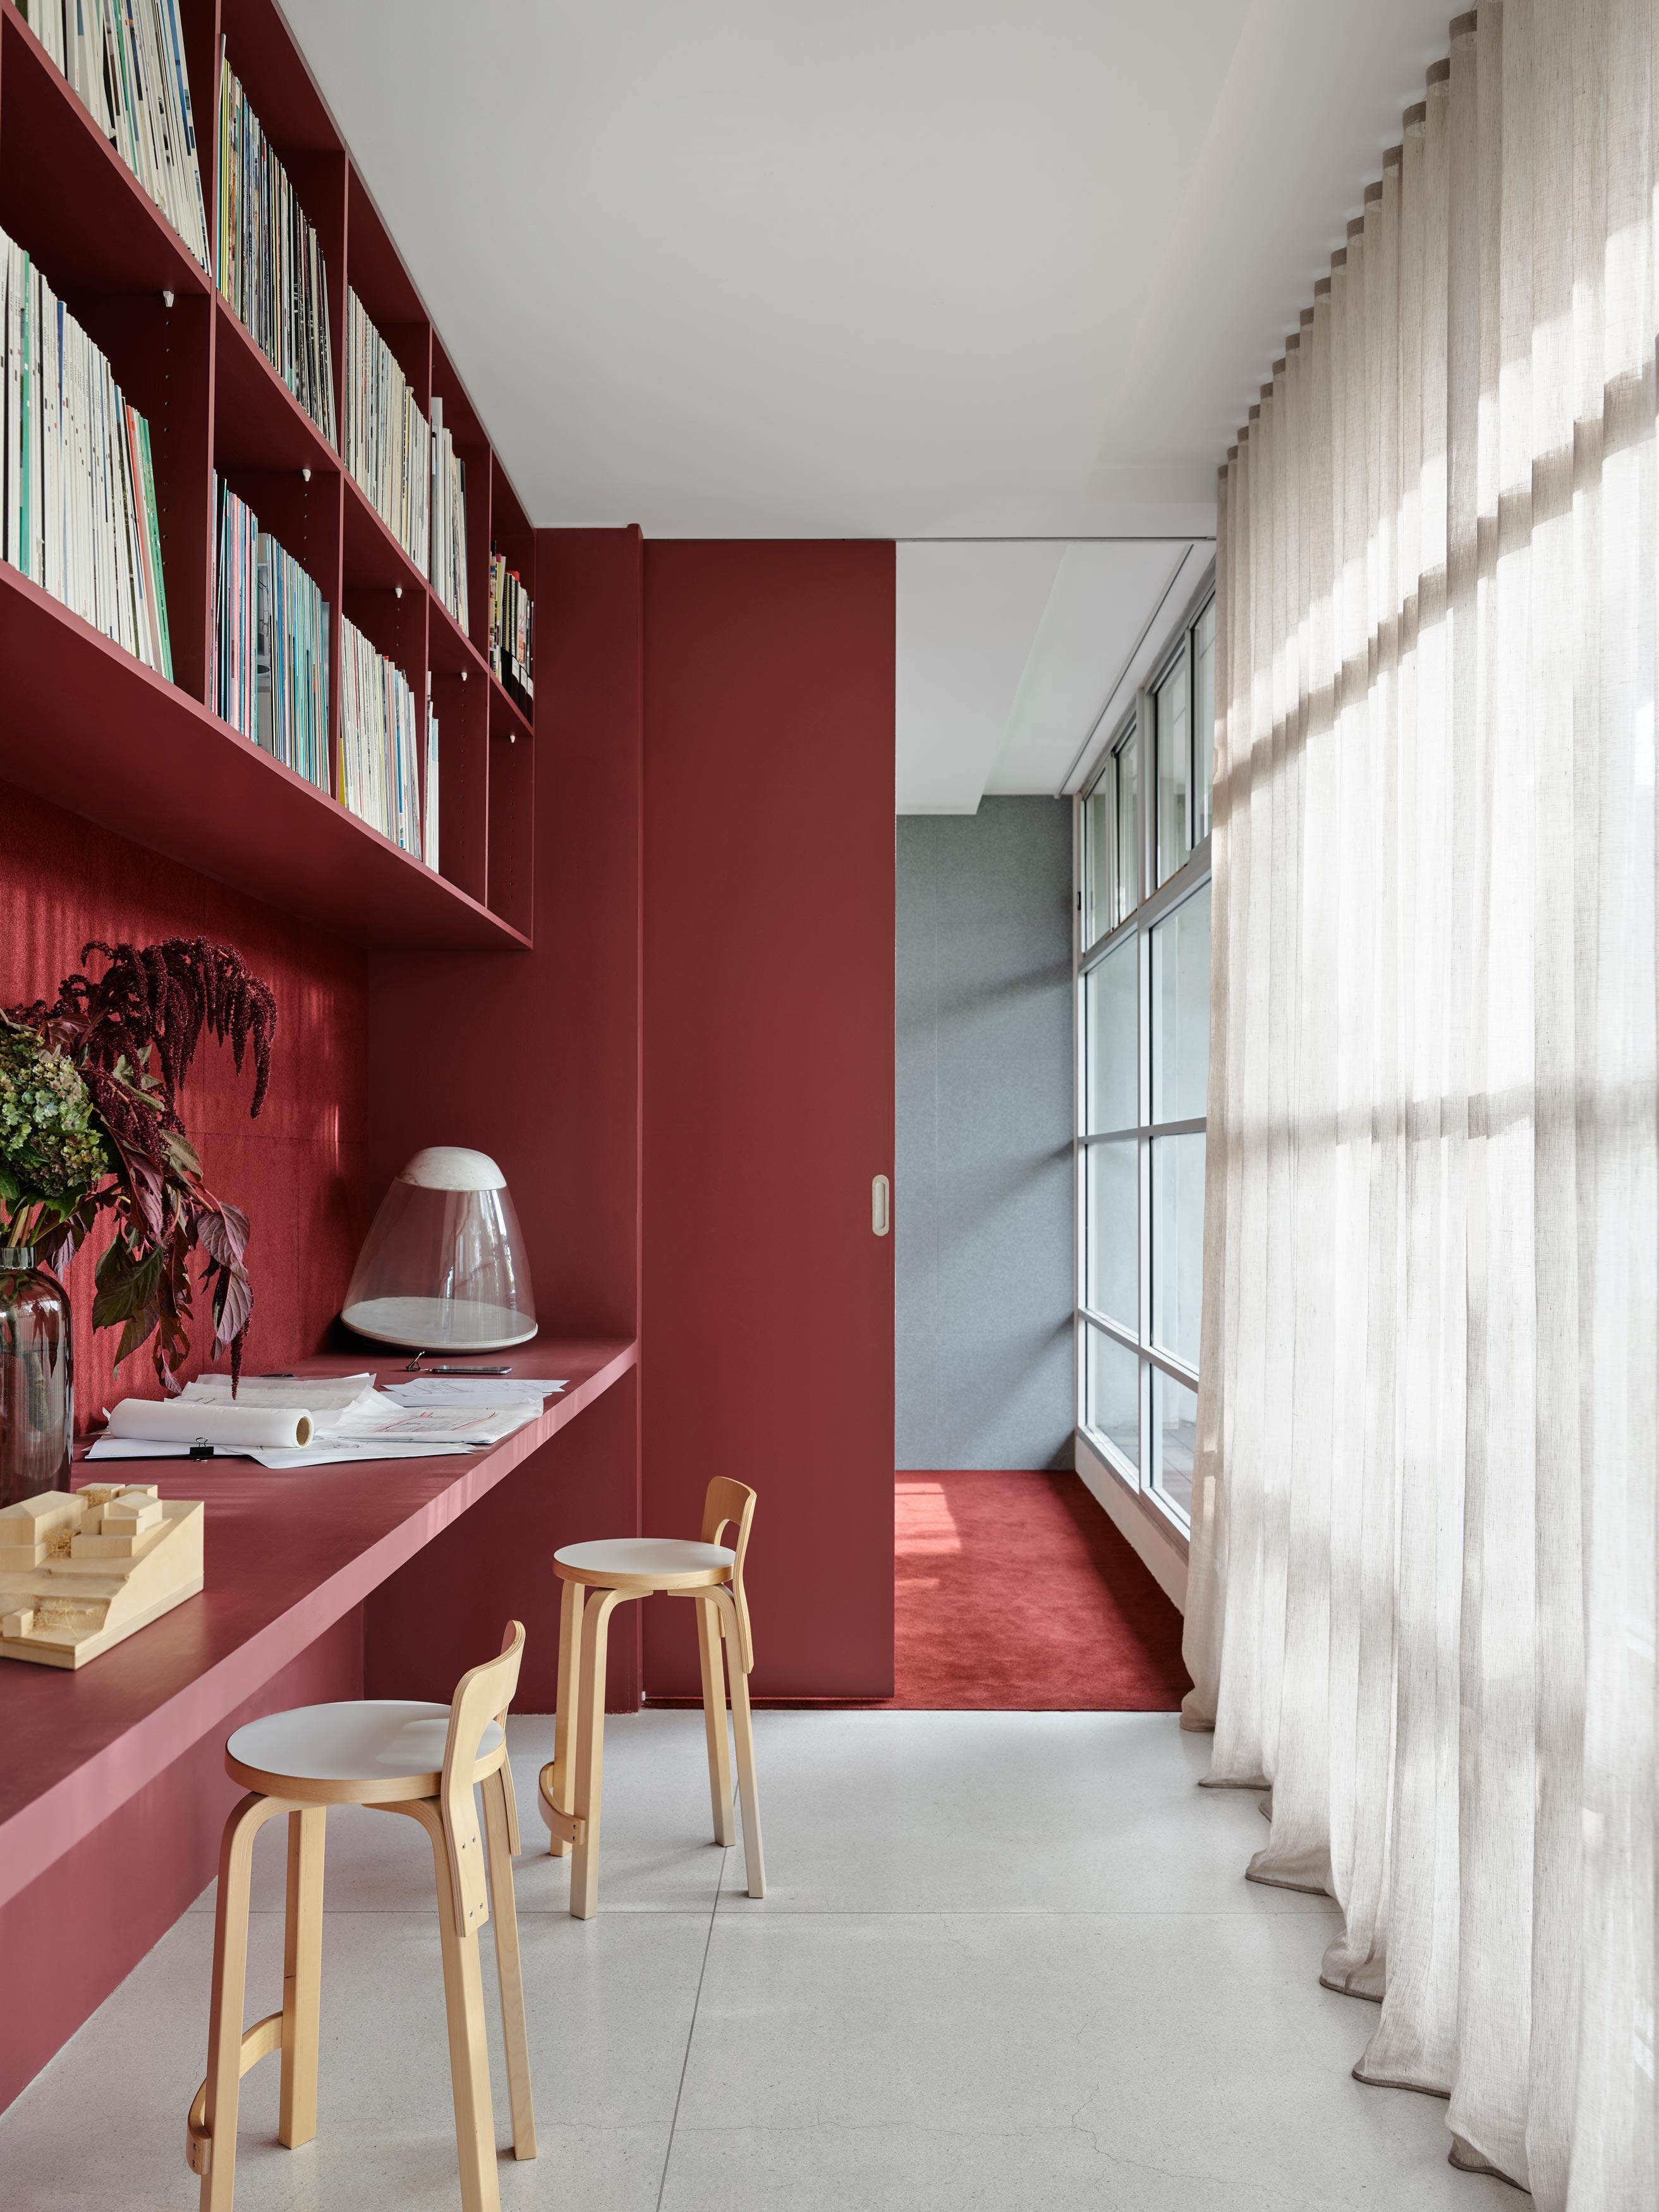 Die Räume des Architekturbüros SJB in Sydney gleichen einer Wohnung